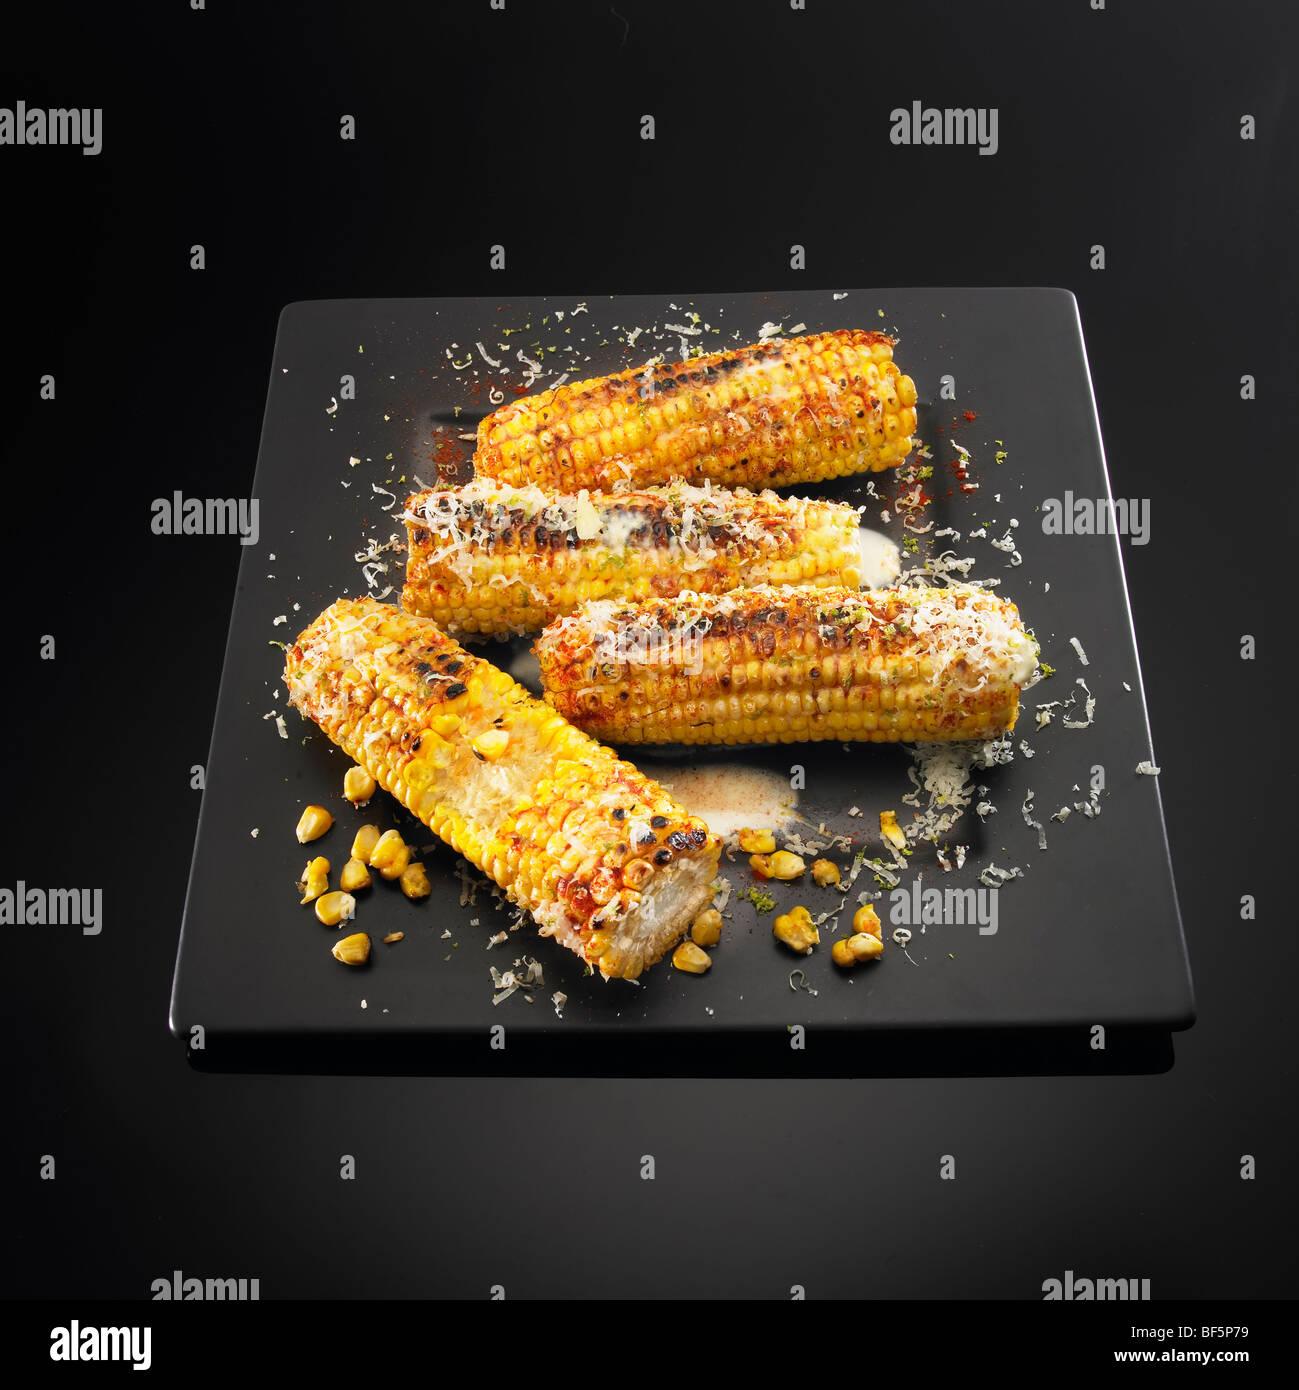 Les épis de maïs au barbecue avec le fromage, le beurre et le piment, sur un fond noir. Photo Stock